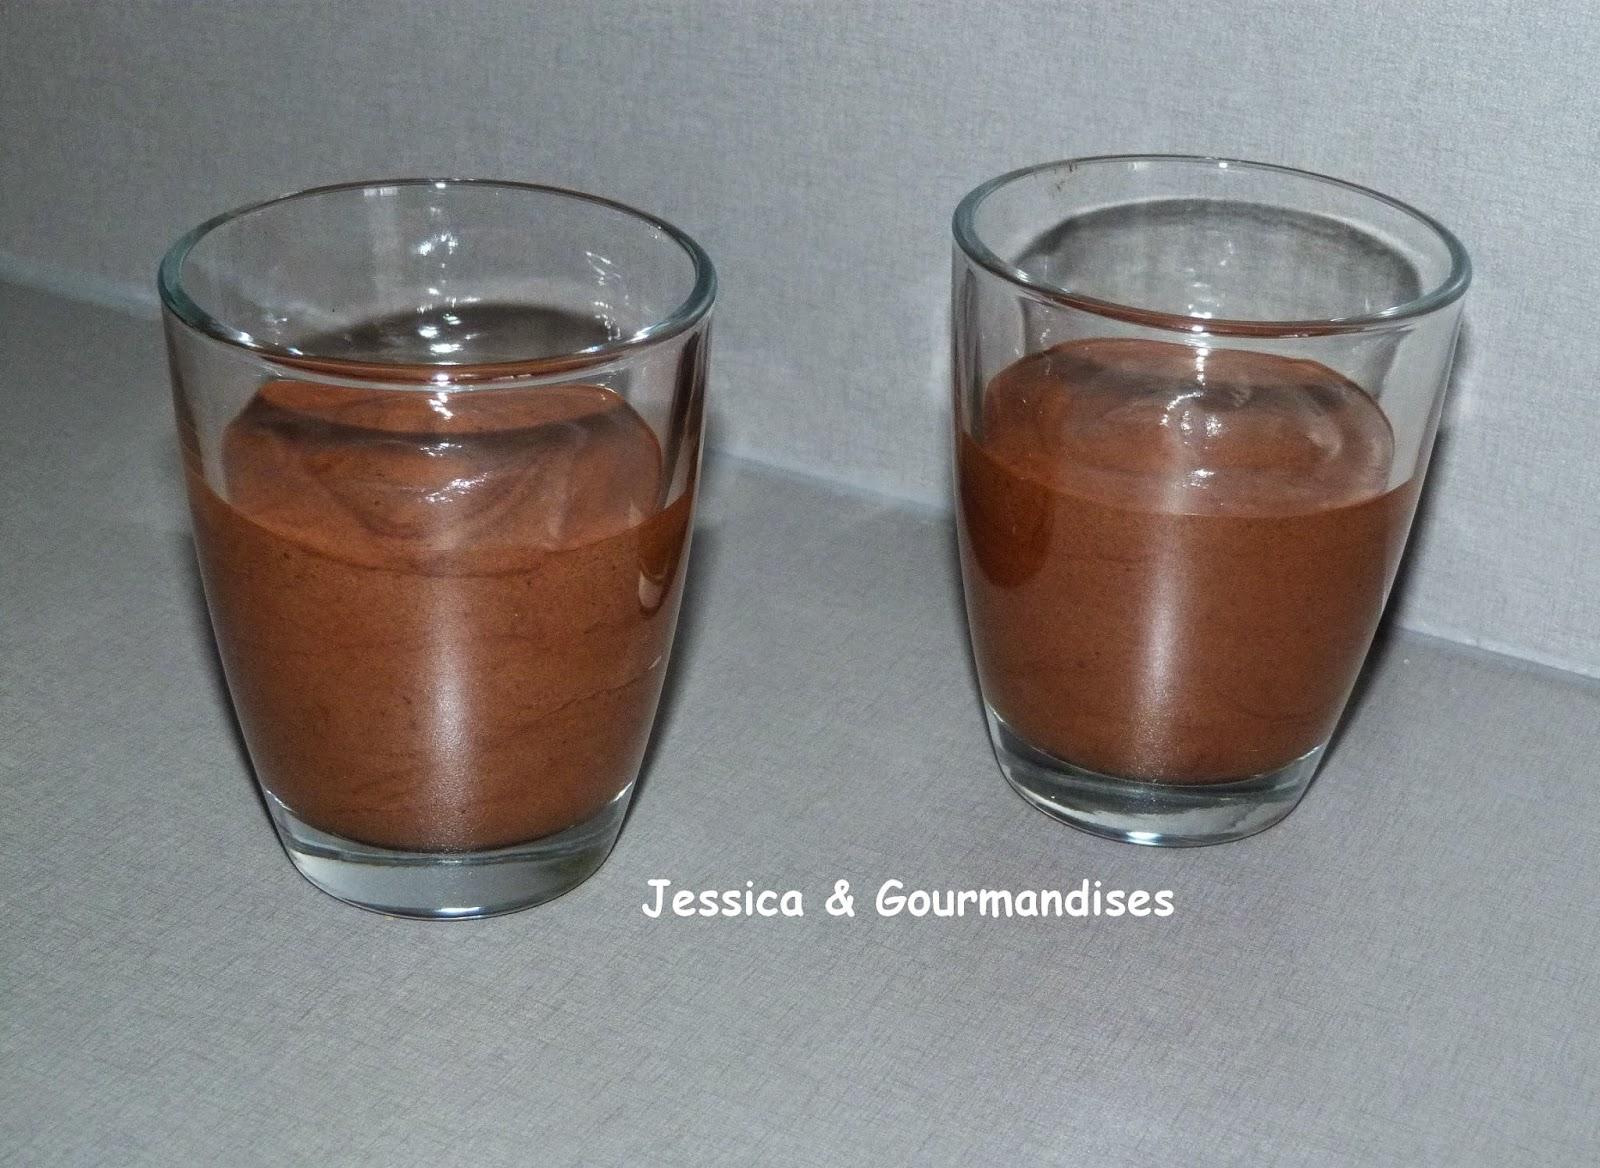 jessica gourmandises mousse au chocolat noir ultra l g re. Black Bedroom Furniture Sets. Home Design Ideas